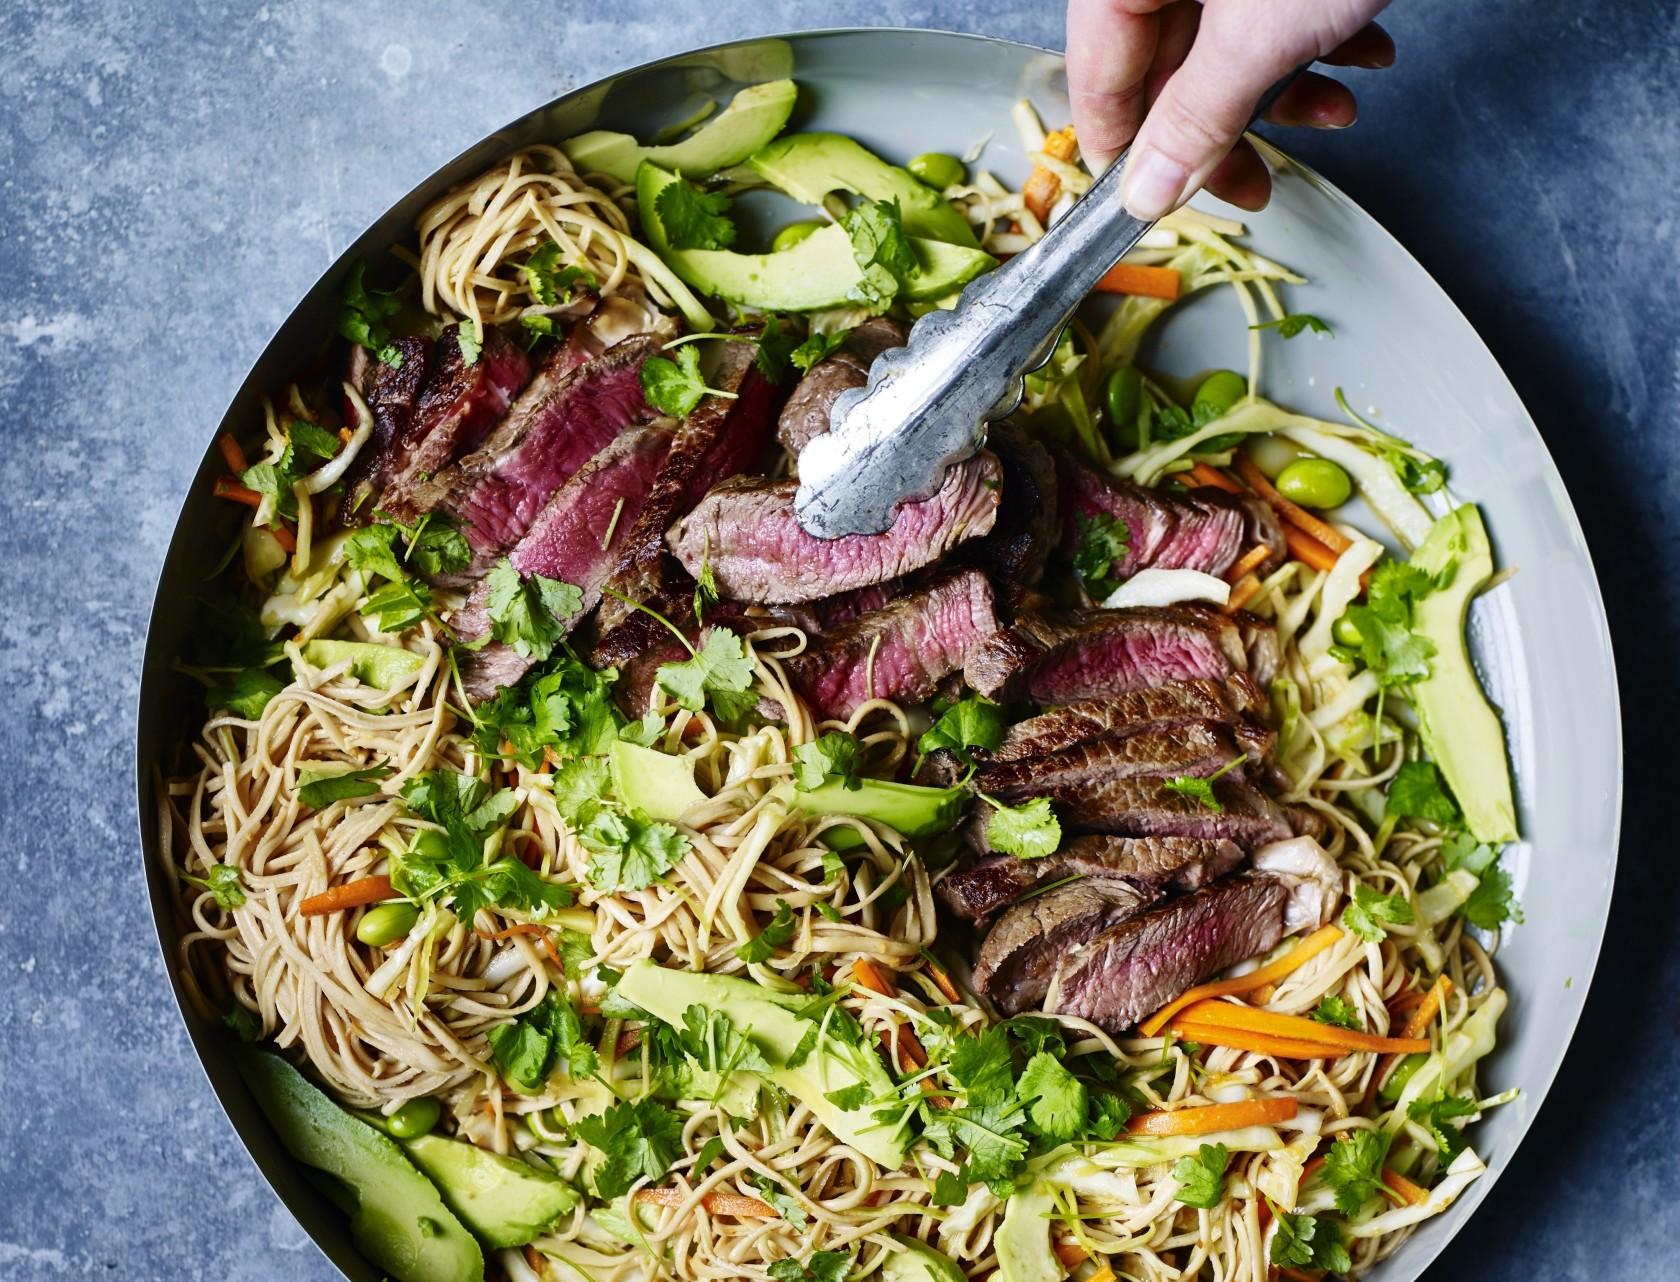 Lækker opskrift på nudelsalat med oksekød og spicy dressing